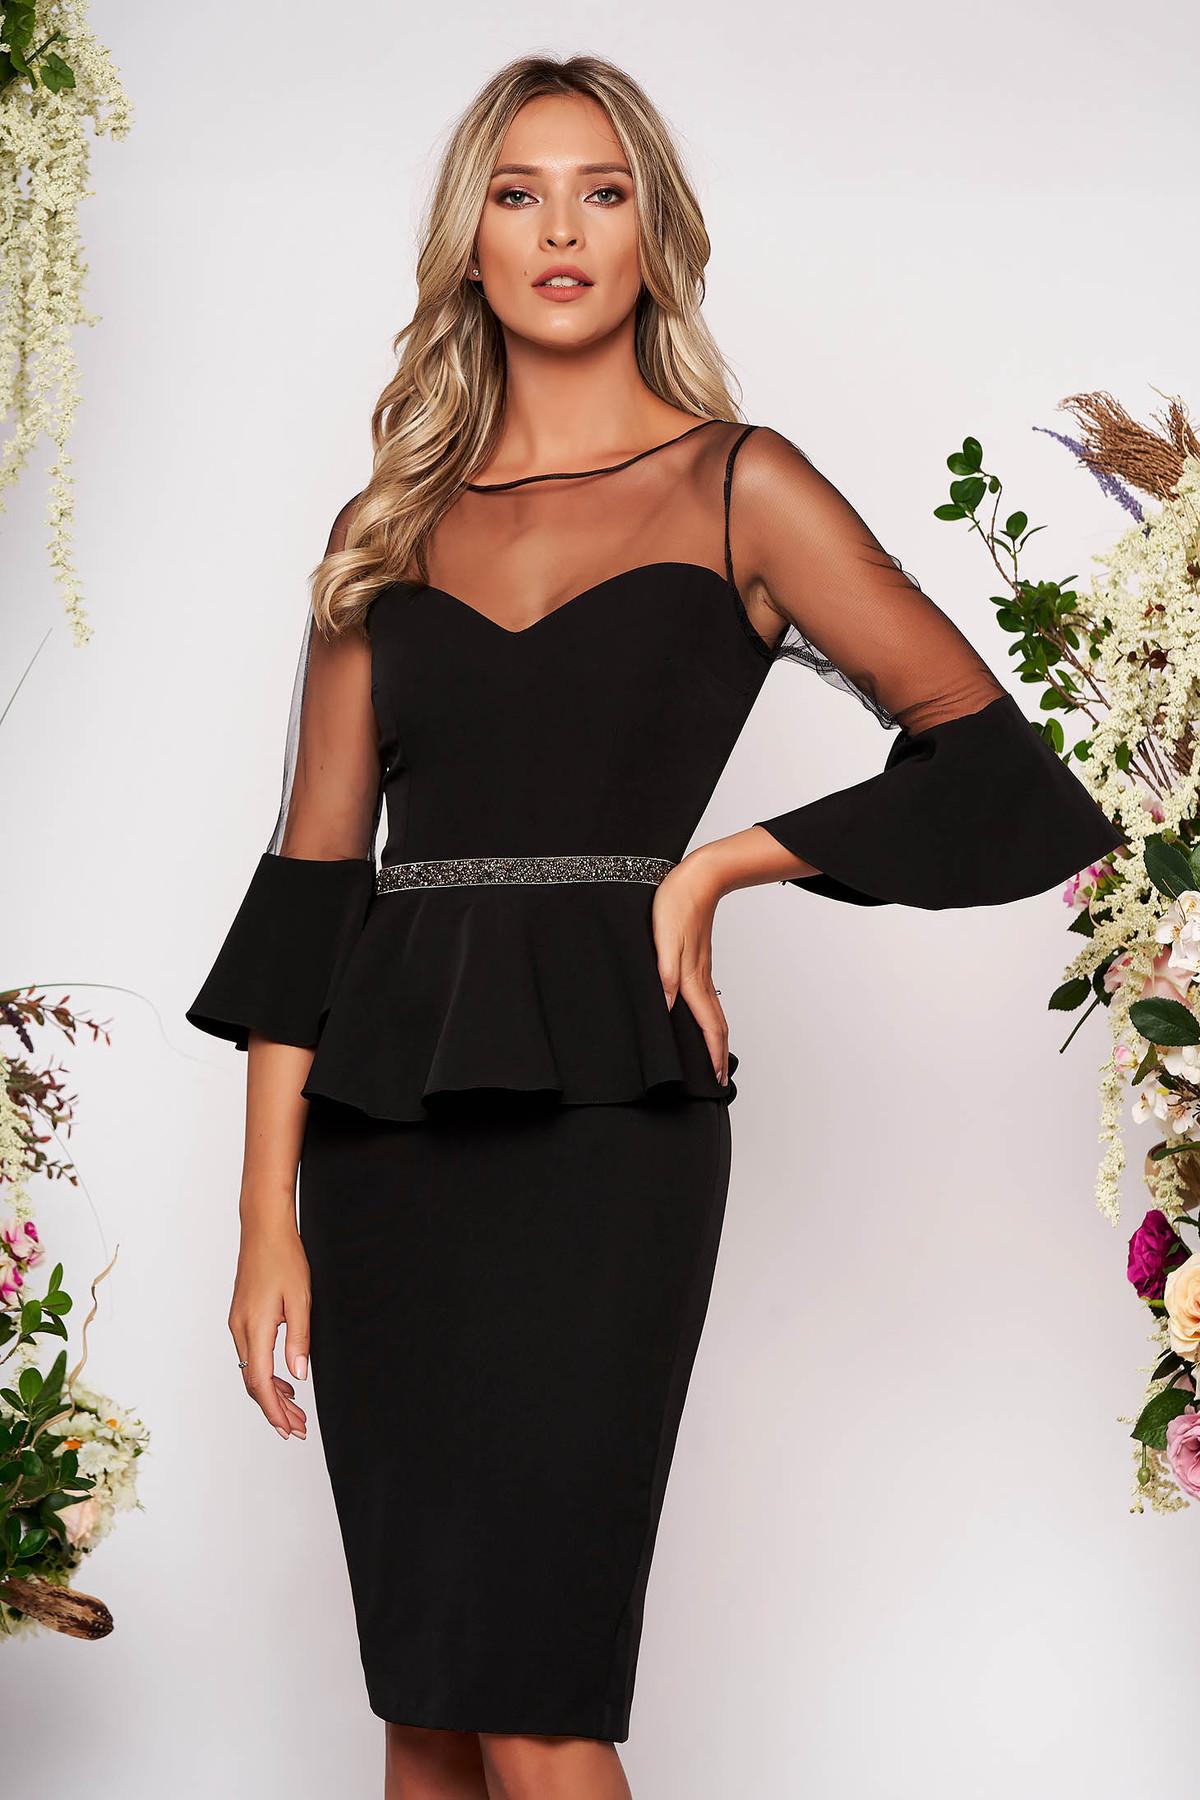 Rochie neagra midi de ocazie tip creion din stofa cu maneci clopot transparente captusita pe interior cu slit la spate